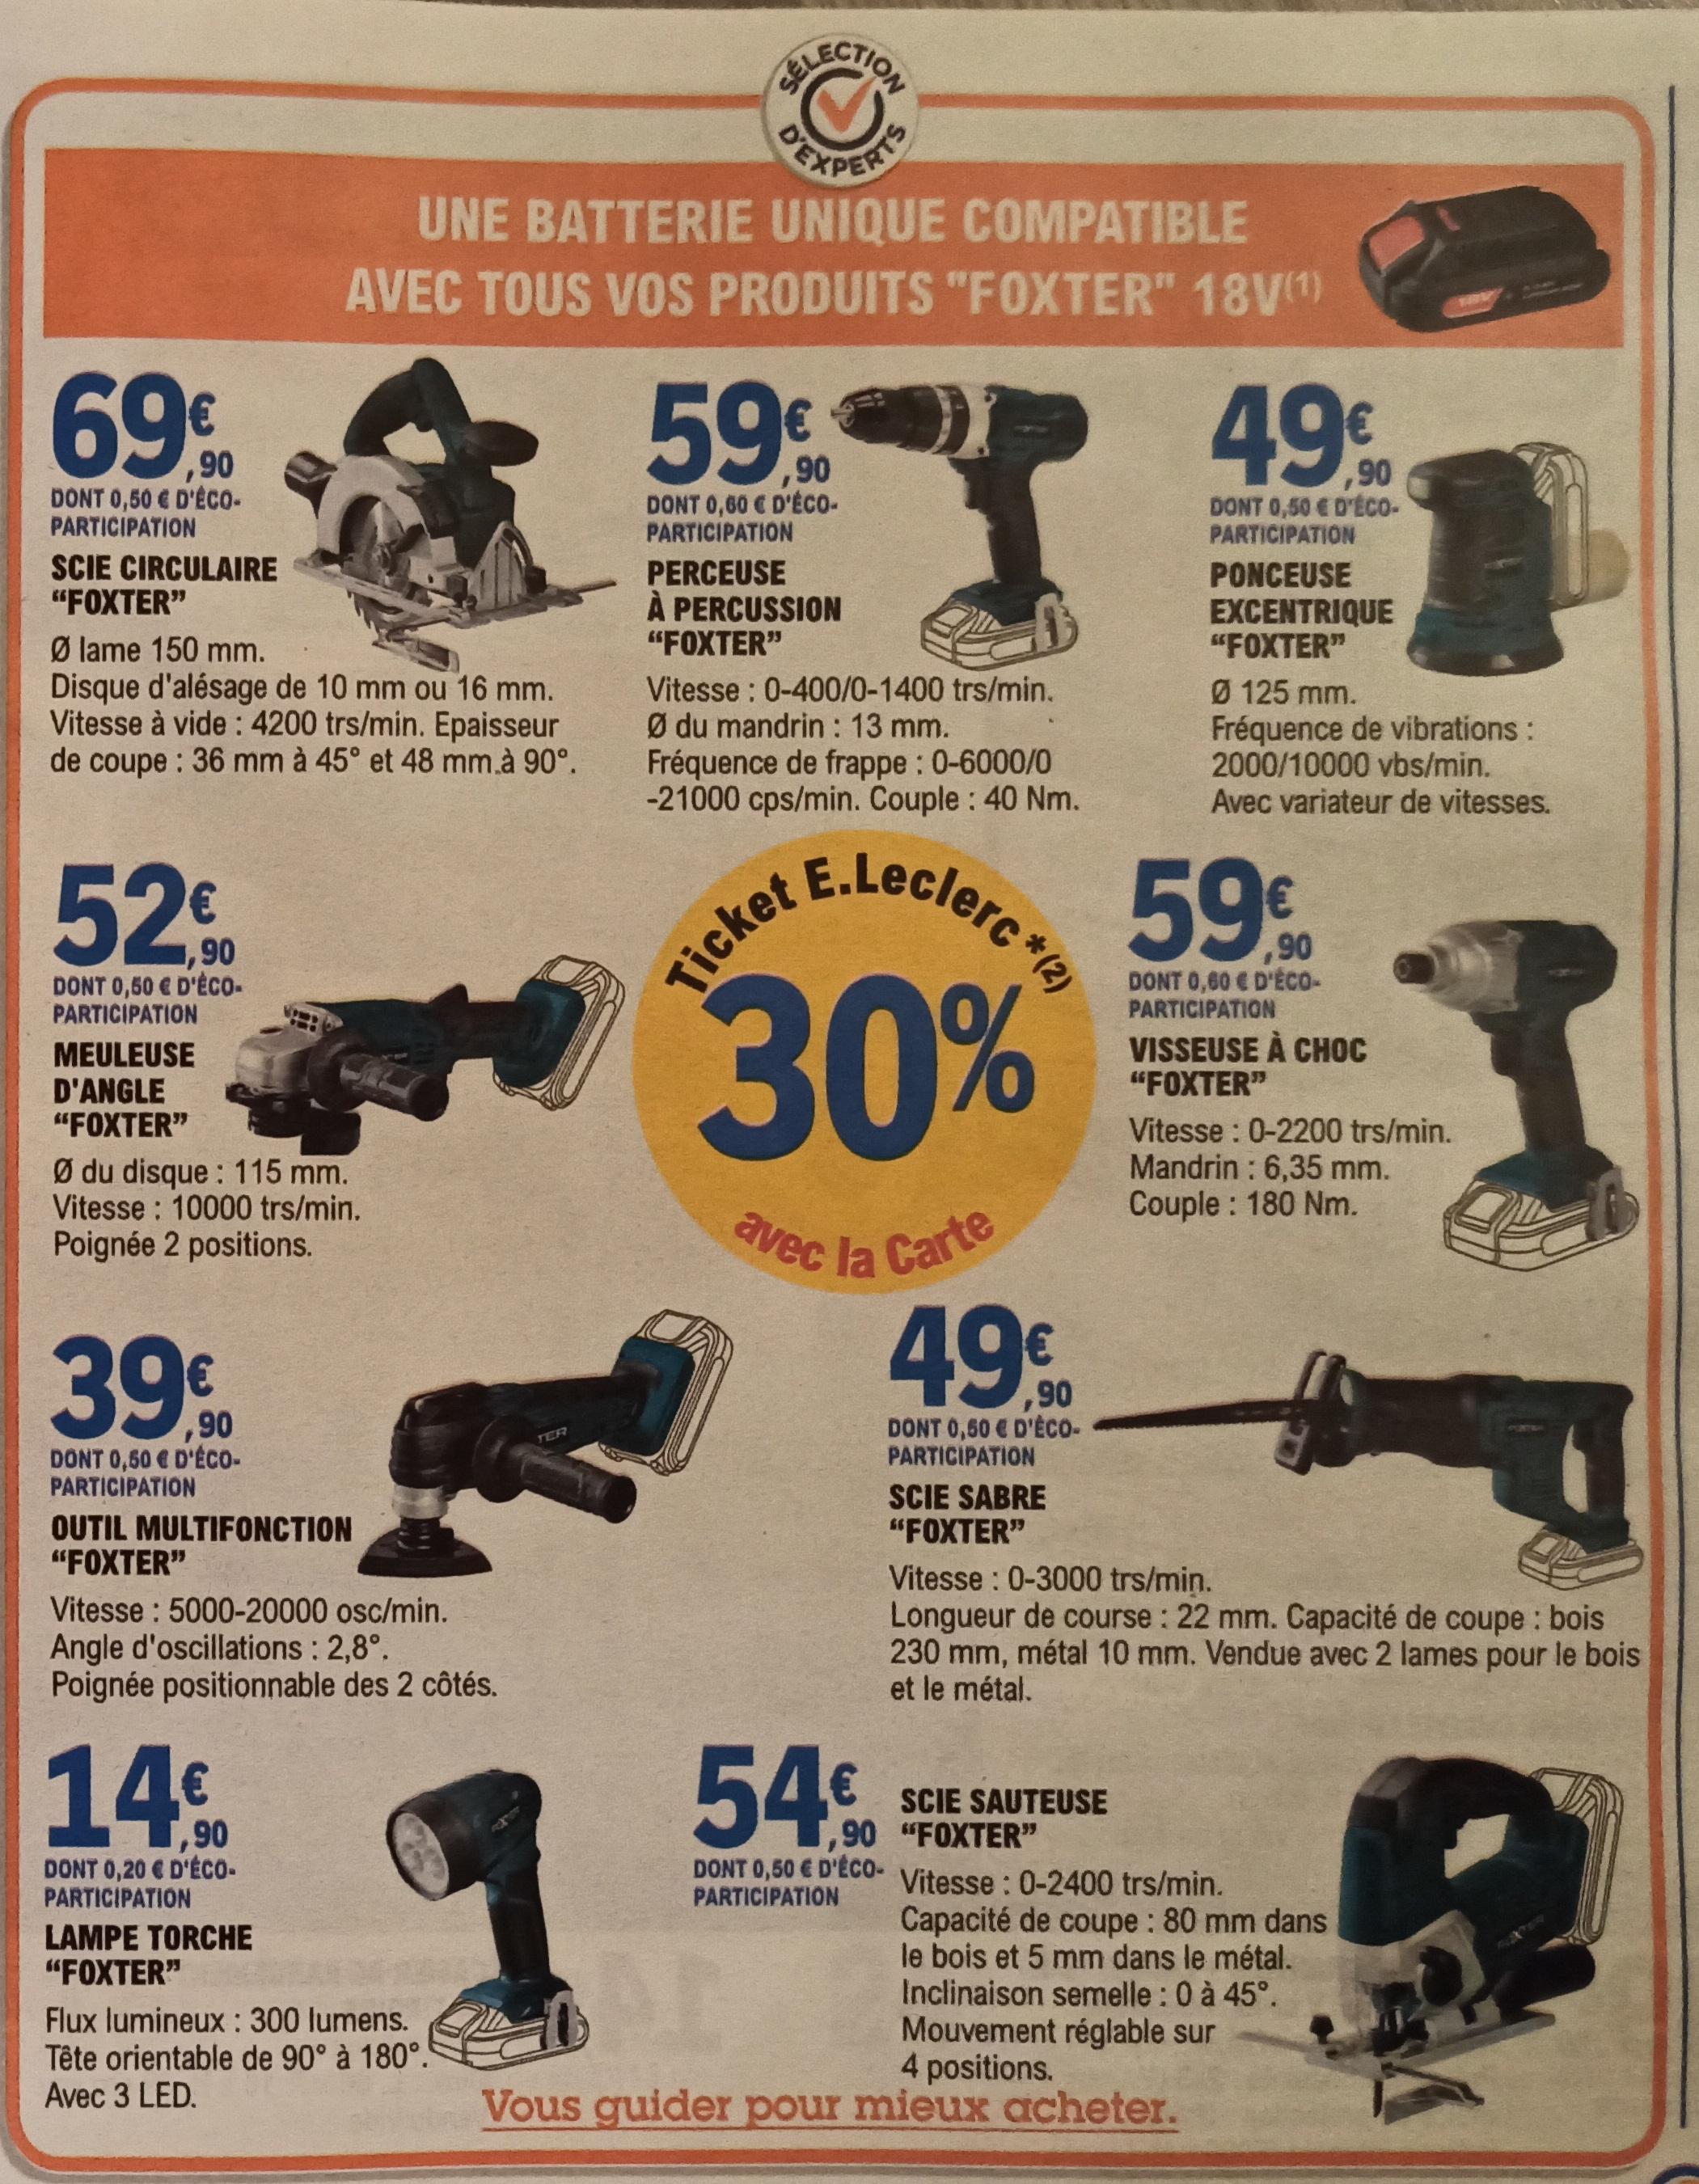 Sélection d'outils ou accessoires bricolage Foxter en promotion (30% sur carte de fidélité ou remise immédiate)